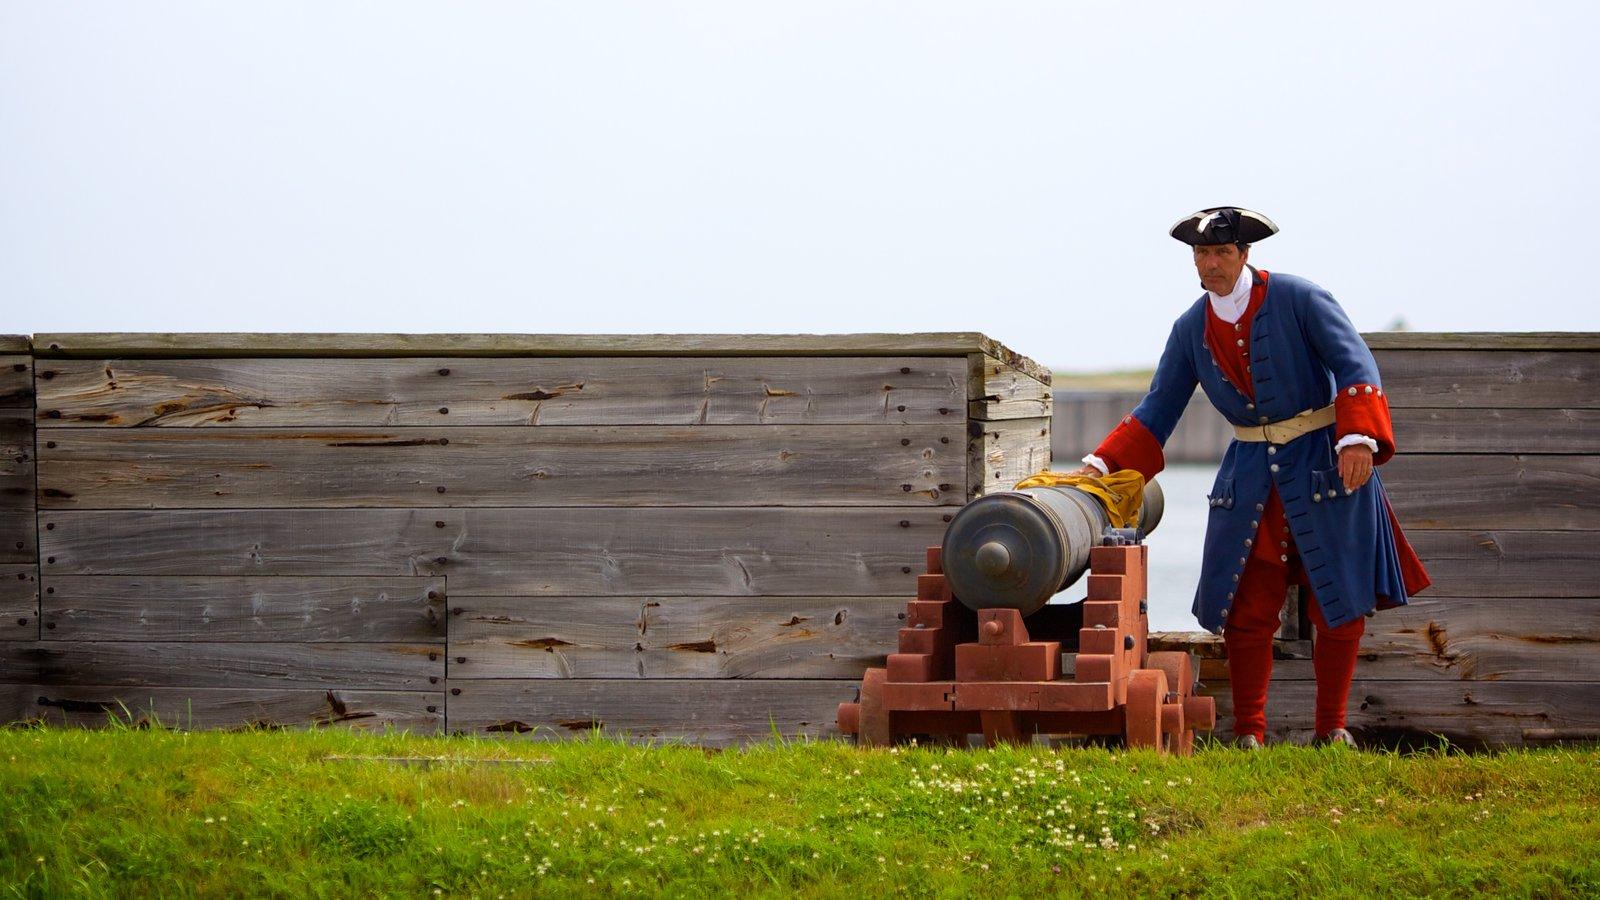 Fortress Louisbourg National Historic Site mostrando itens militares e uma estátua ou escultura